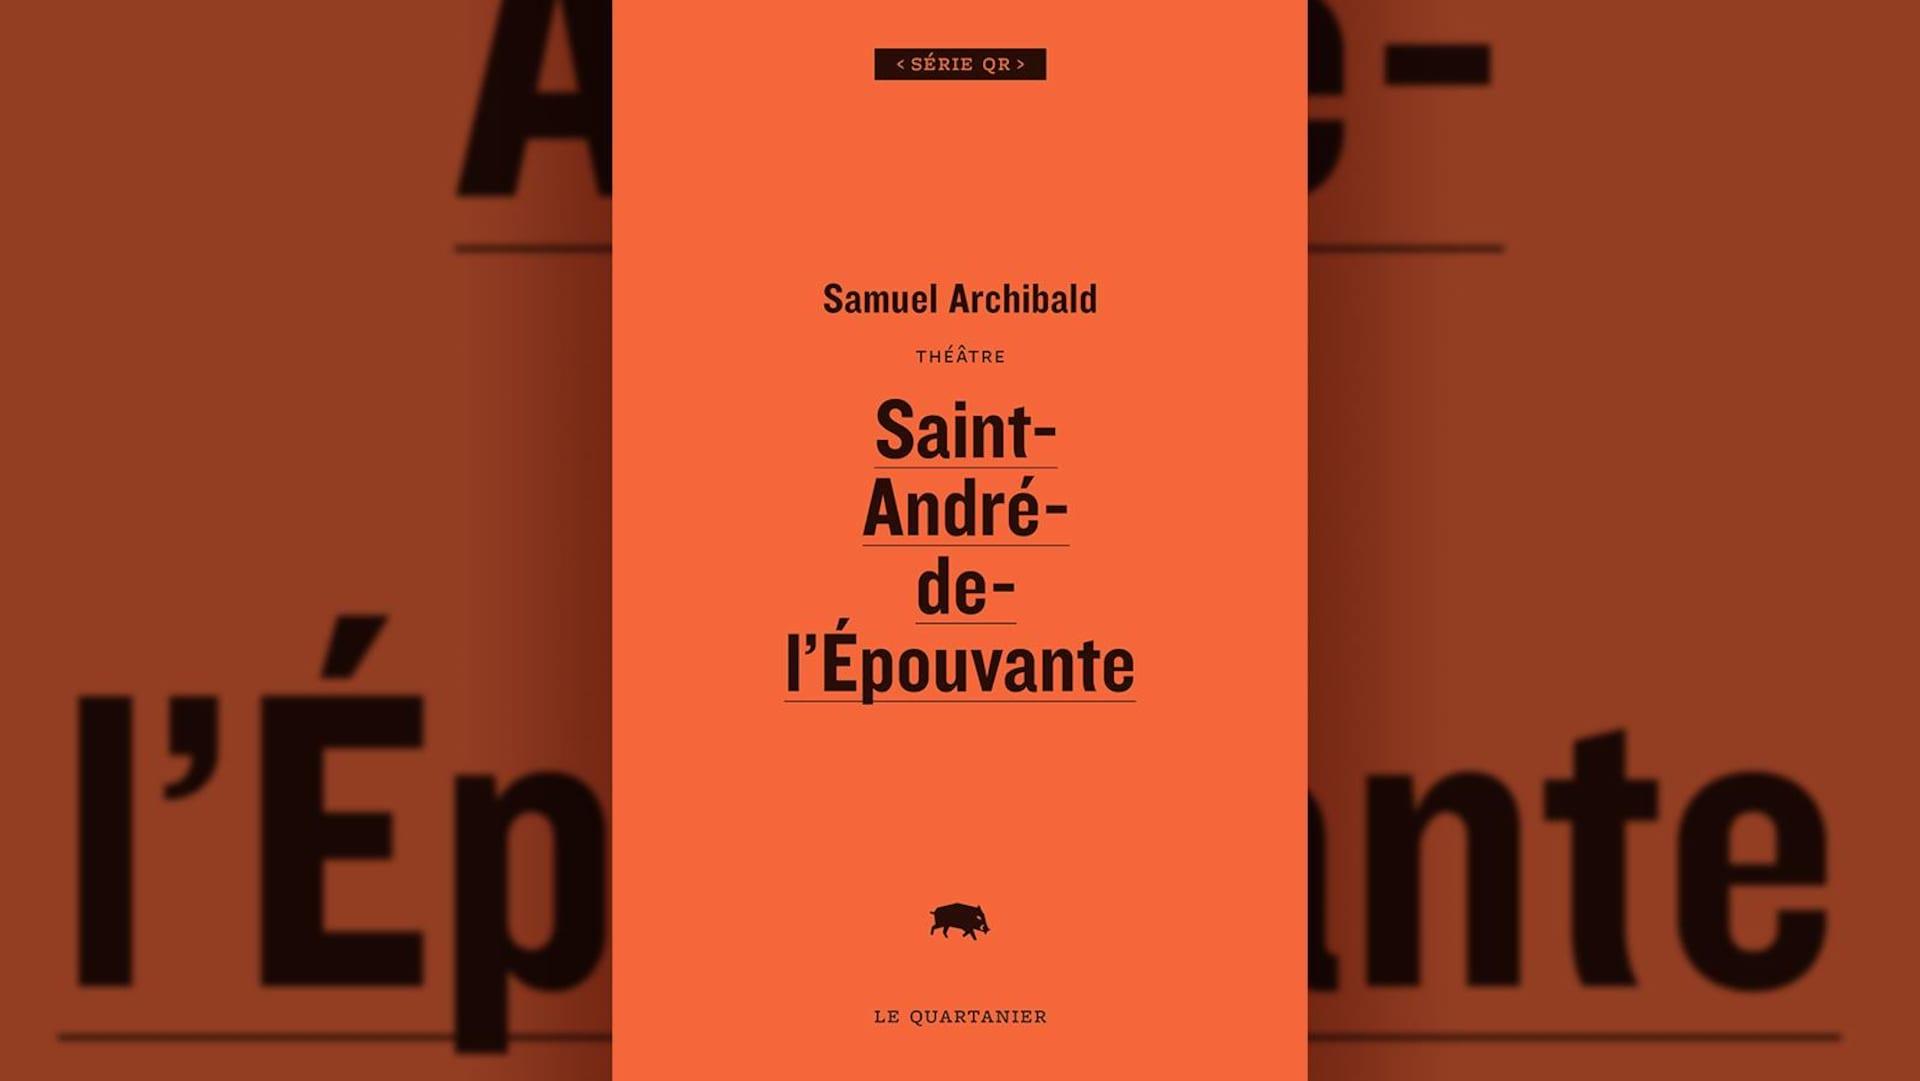 Montage de la couverture de  Saint-André-de-l'Épouvante  de Samuel Archibald, sur fond orange